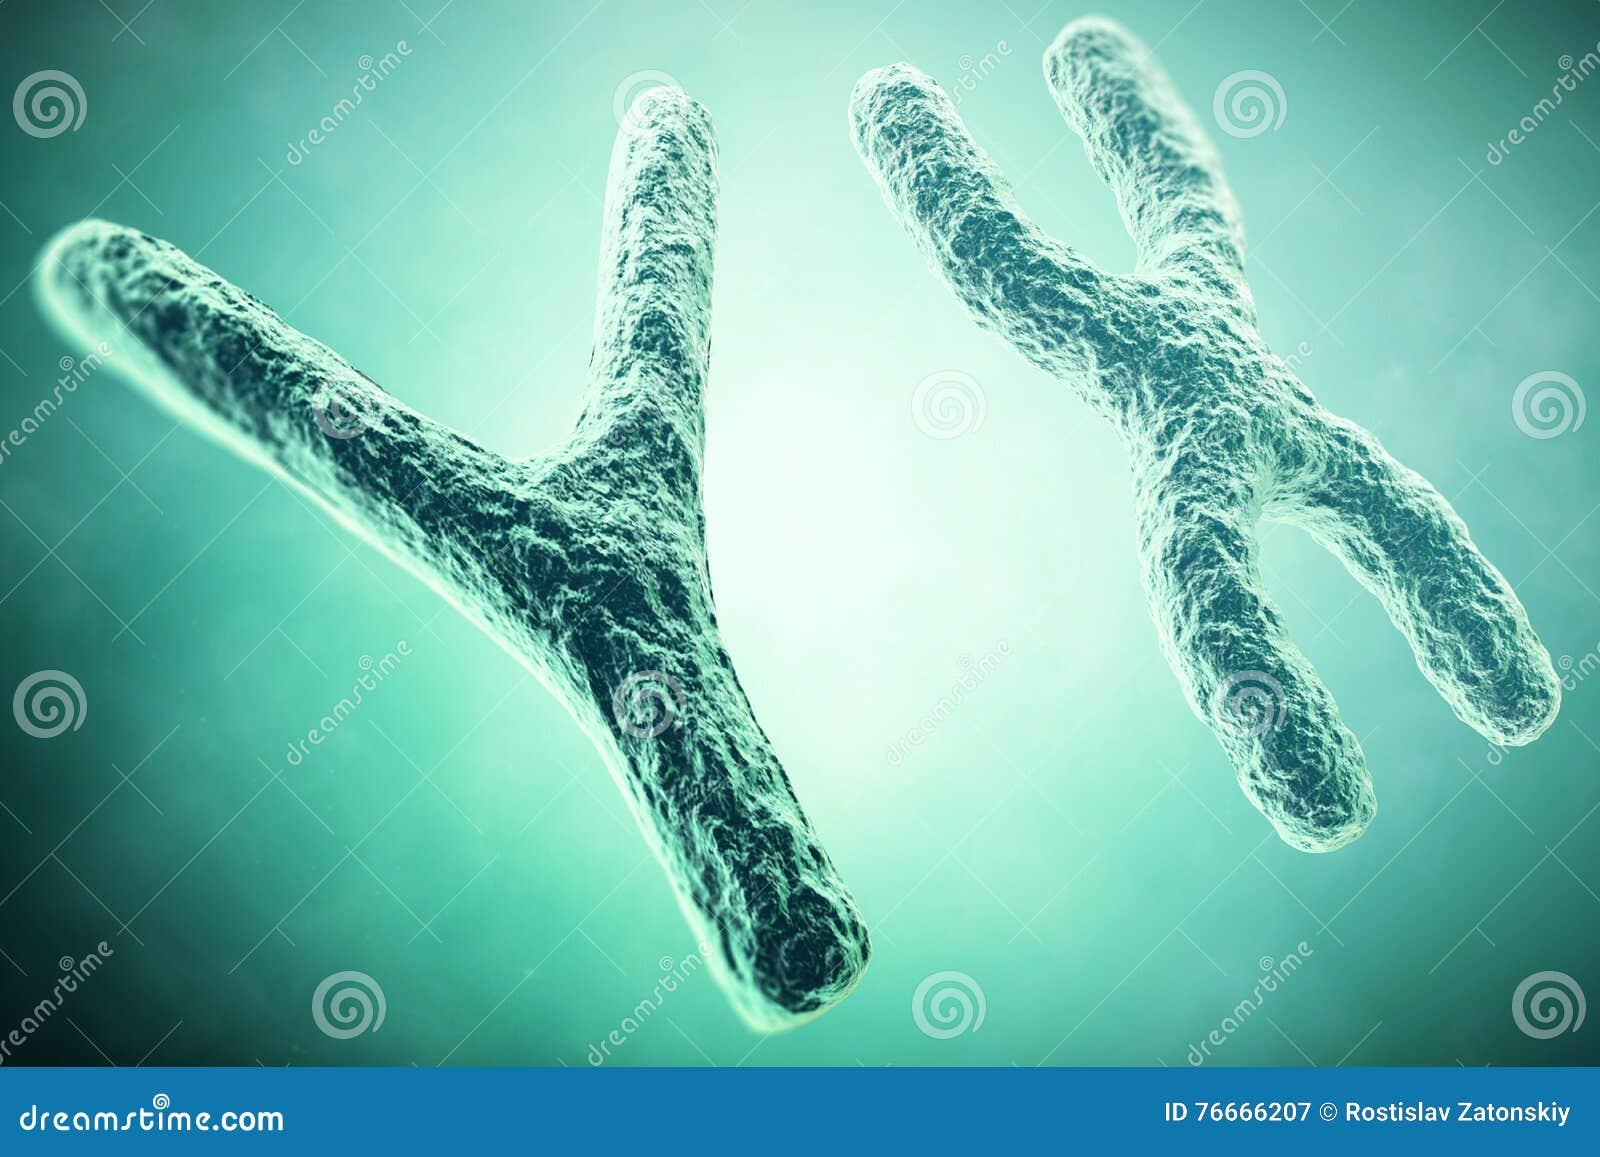 Cromosoma de YX en el primero plano, un concepto científico ilustración 3D